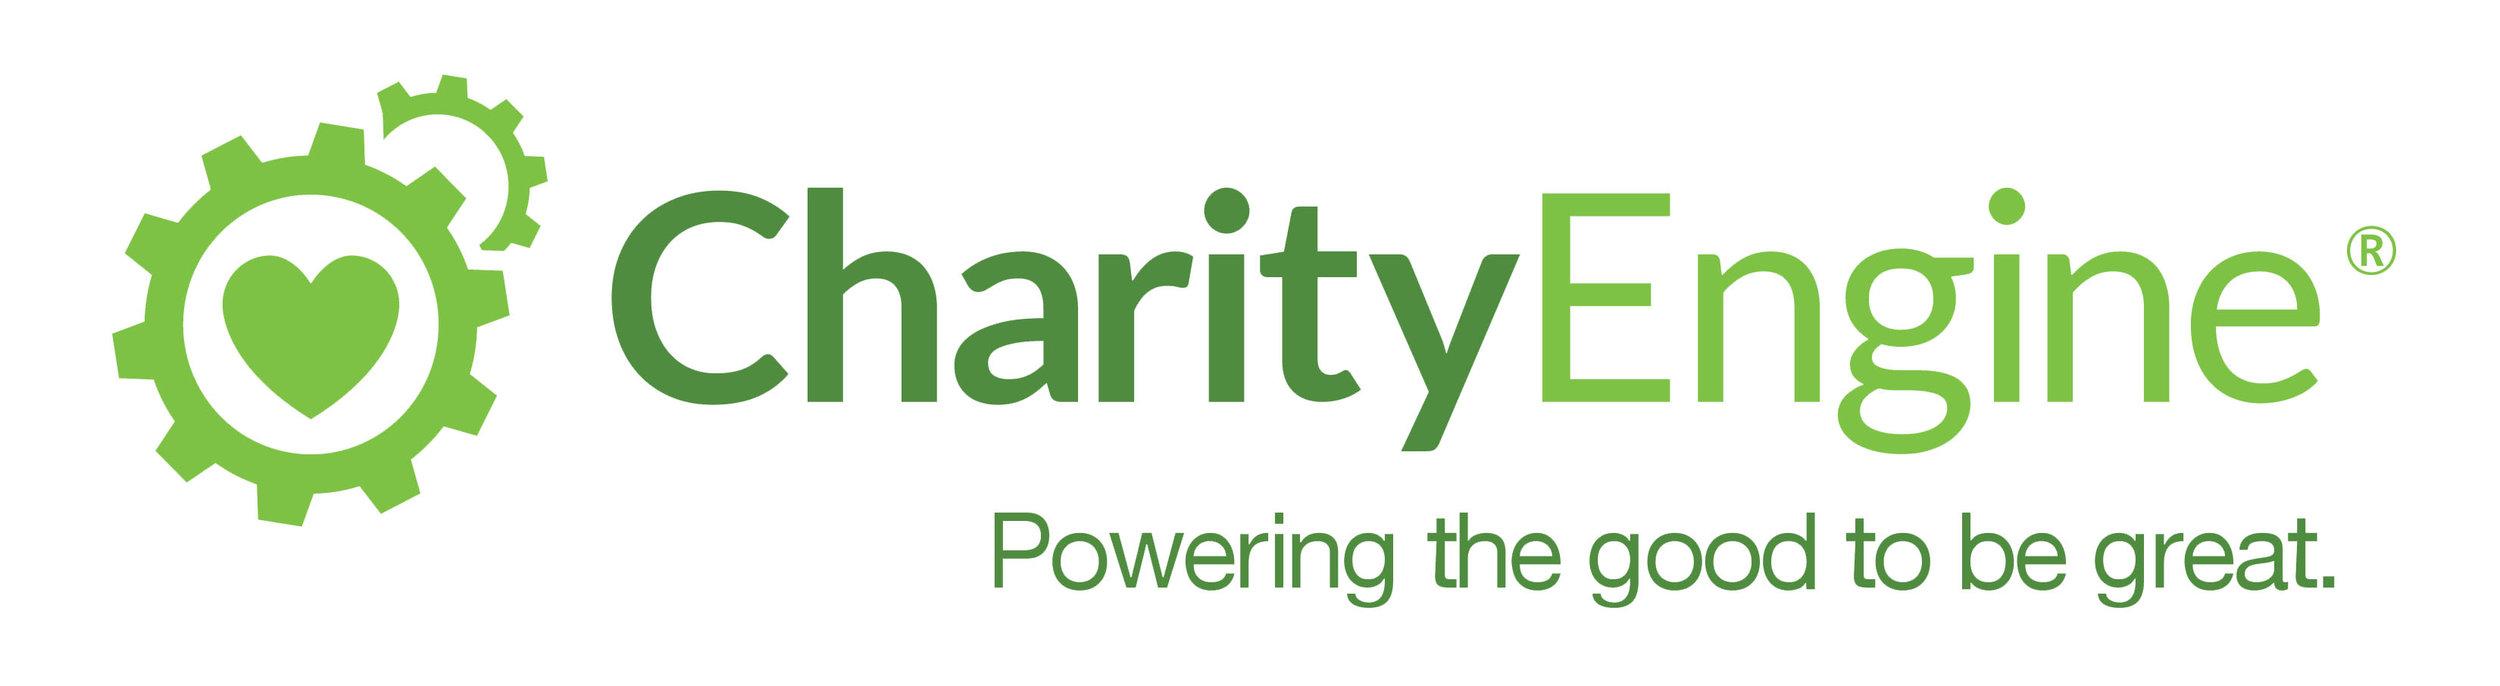 Copy of CE 11x4 300dpi logo-Transparent.jpg